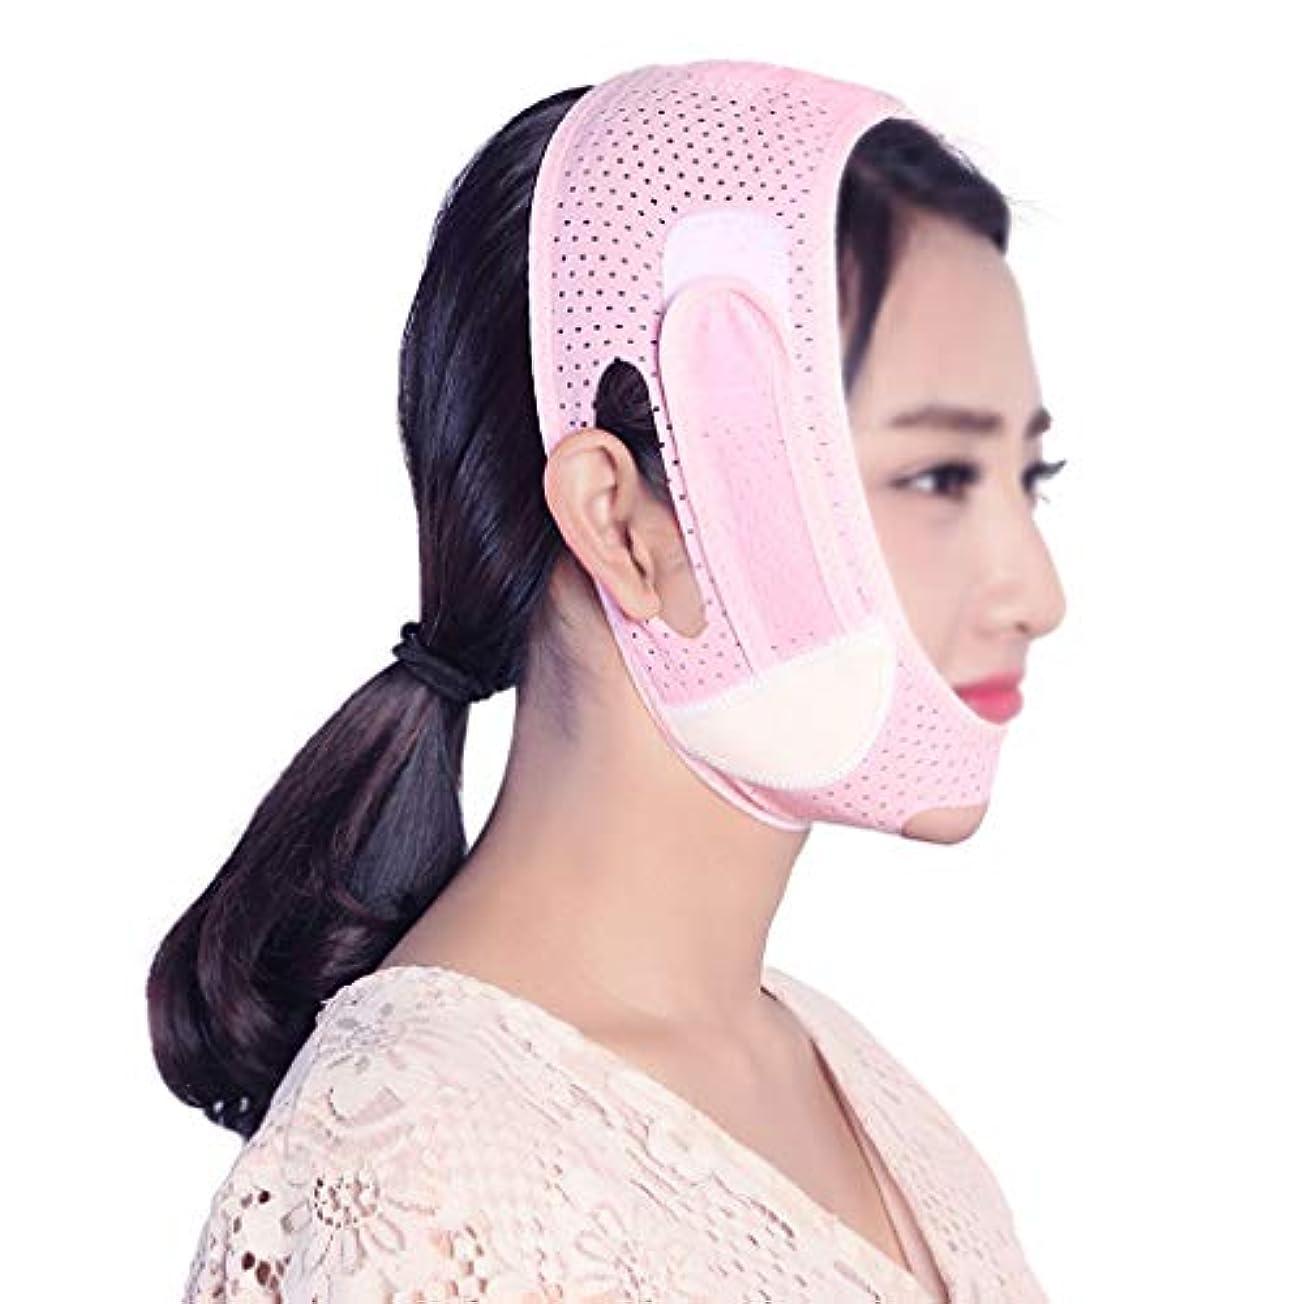 キッチン甘美なライラックTLMY スリムな包帯フェイシャルトリートメント強化フェイシャルチークV型アンチリンクルダブルチンビューティツール 顔用整形マスク